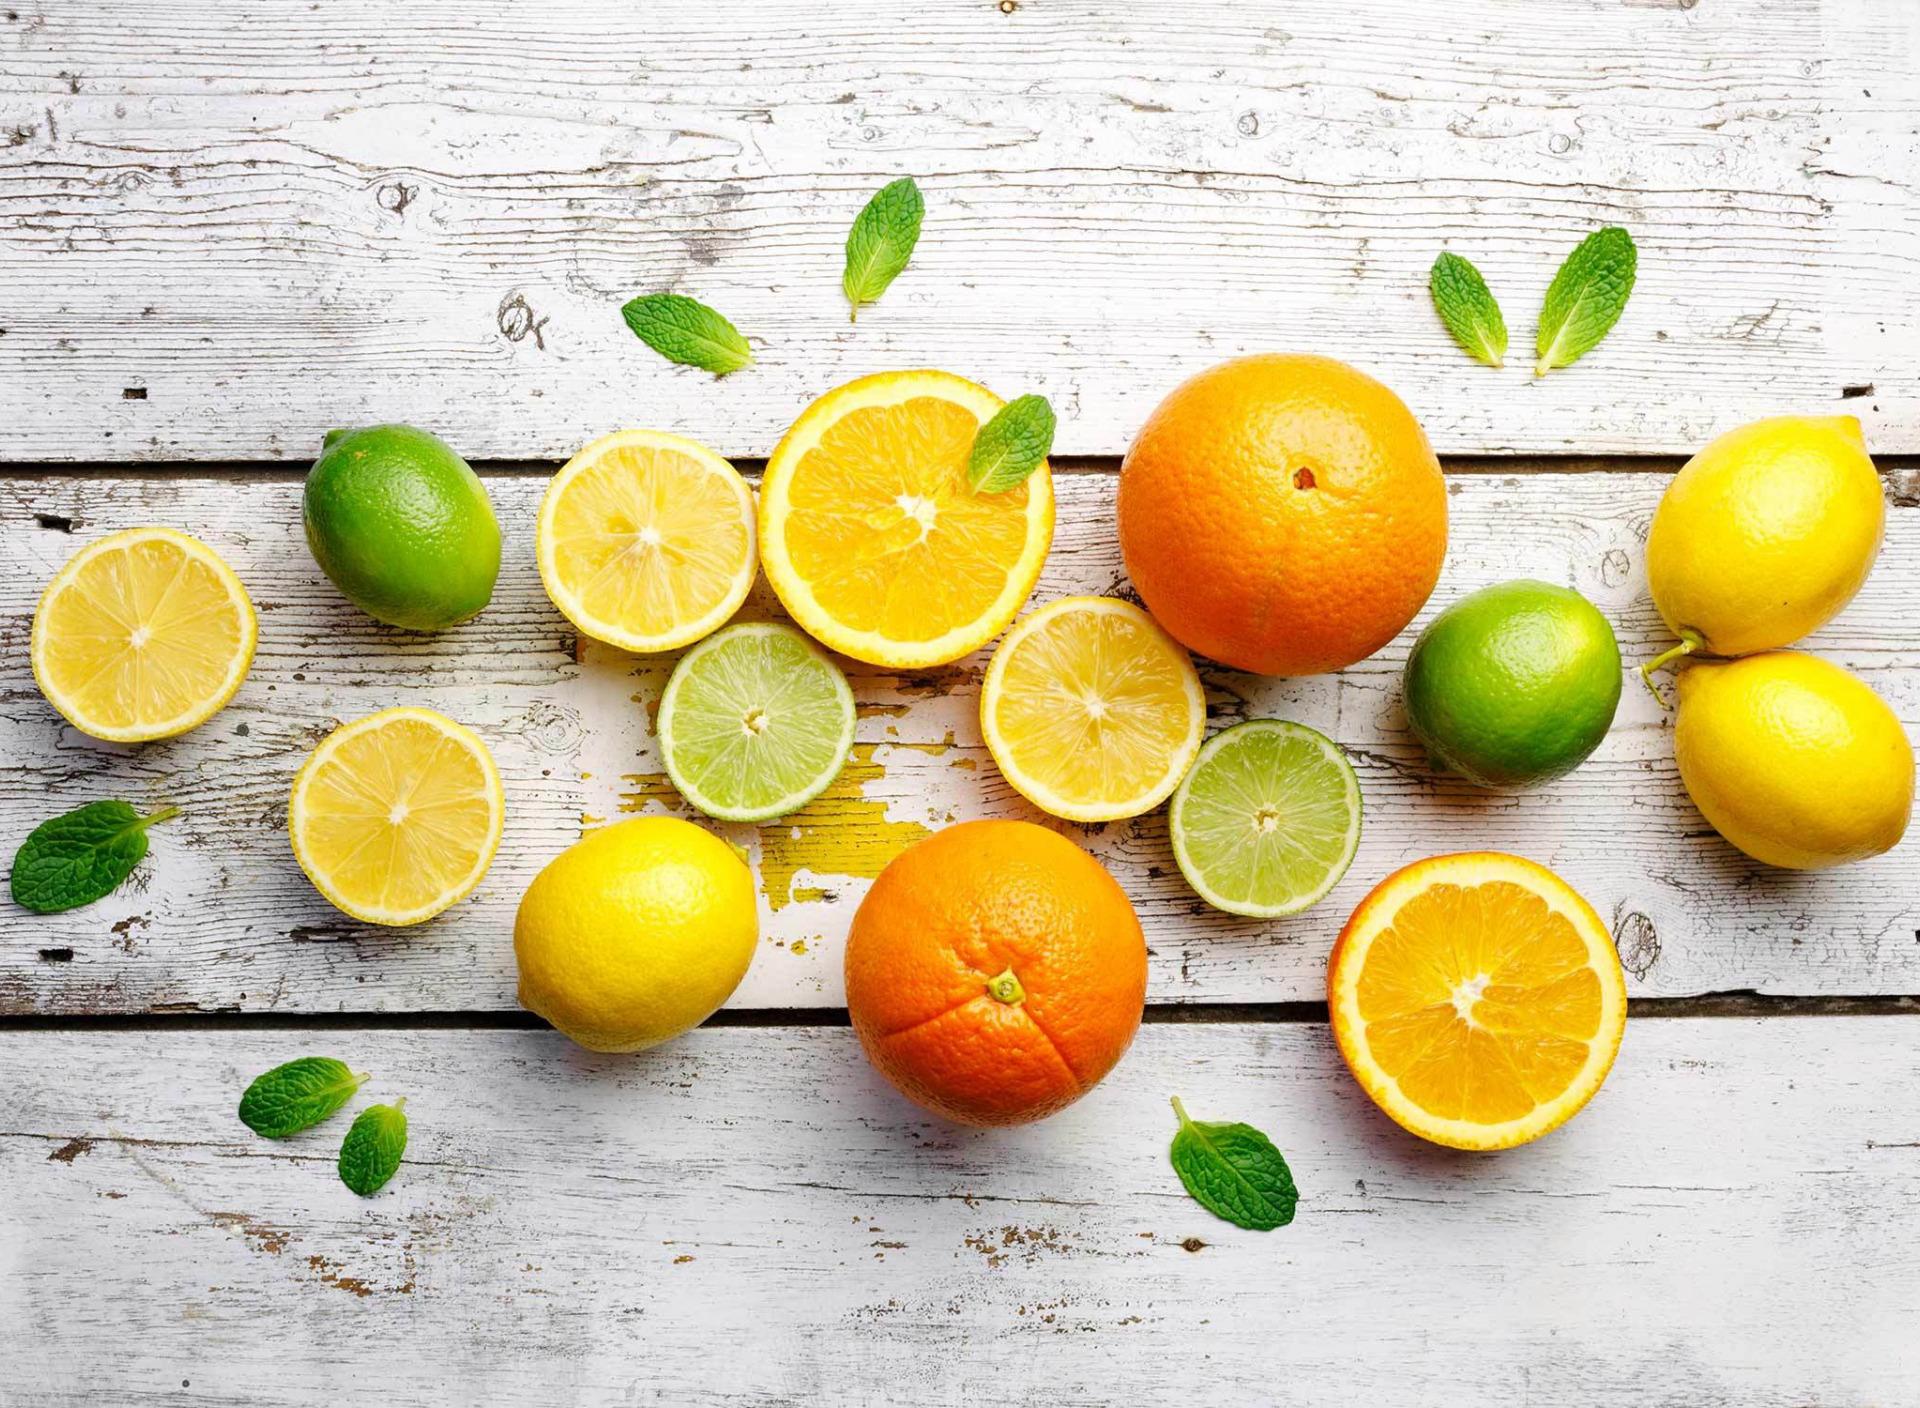 занятий картинки мята и апельсин компактно